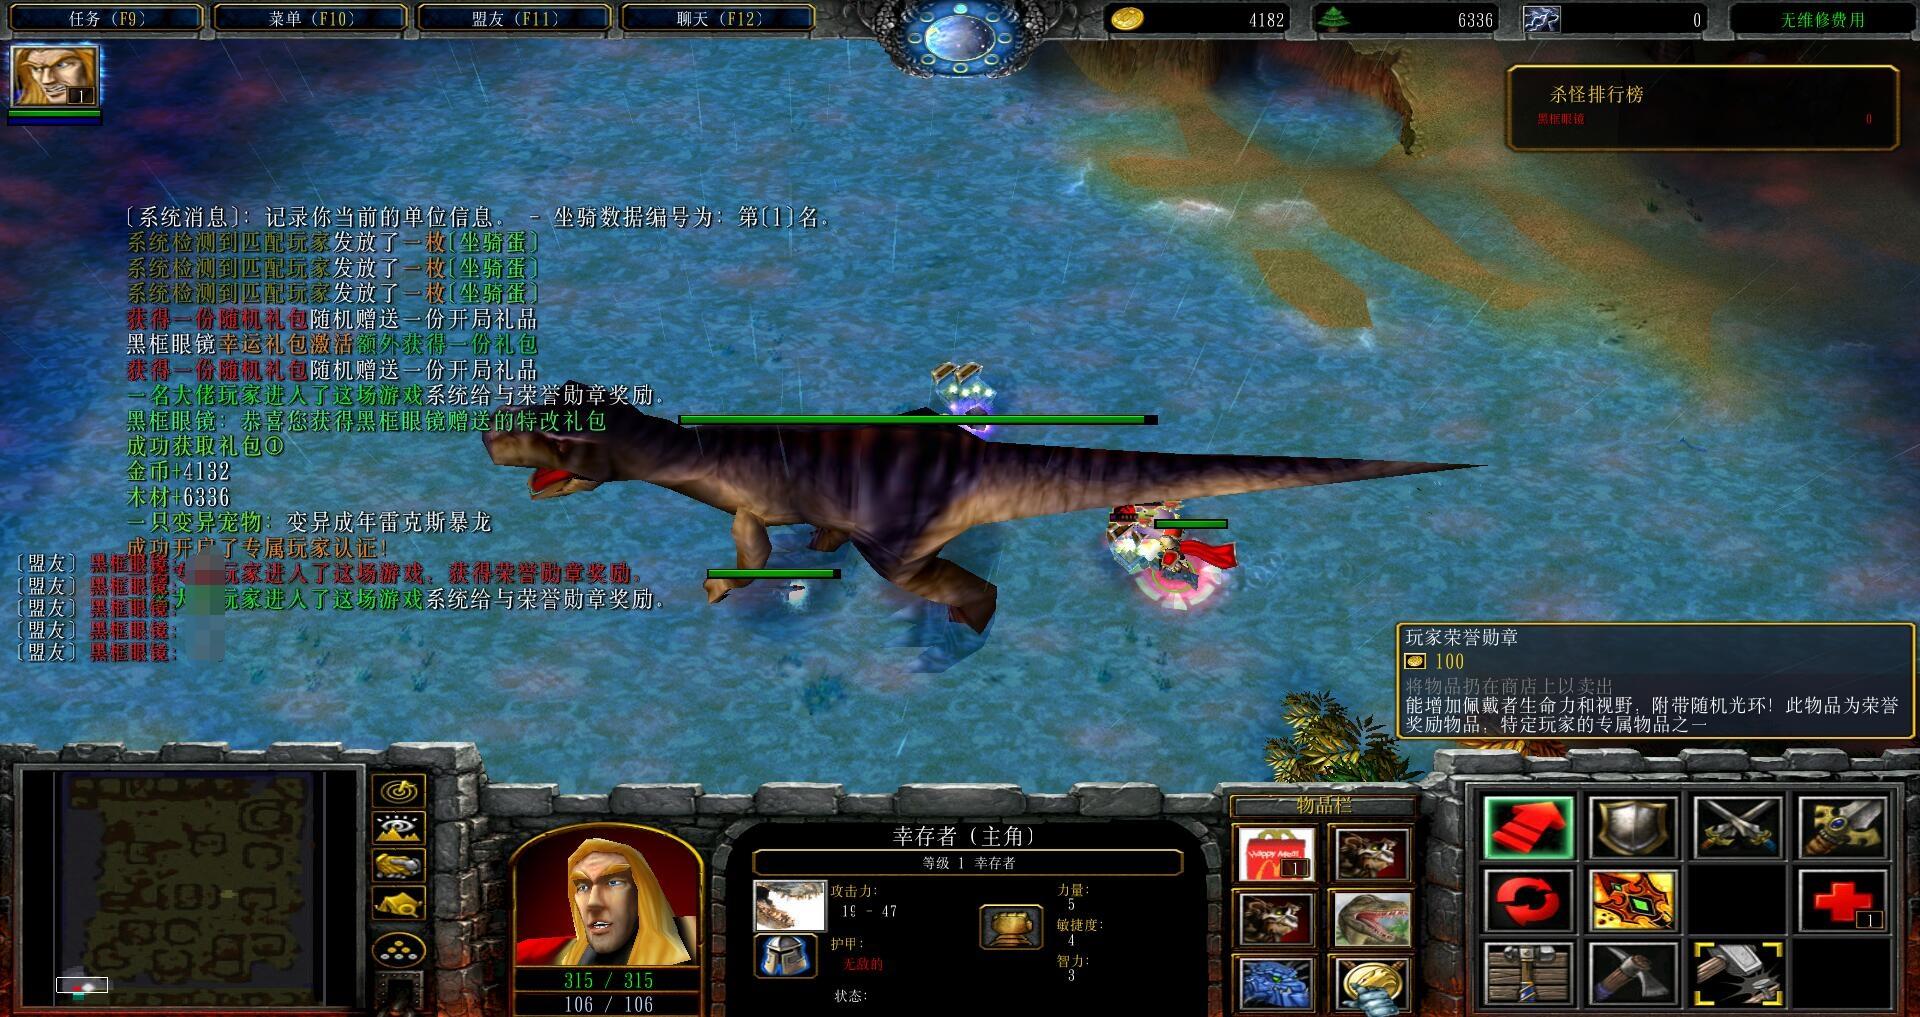 侏罗纪-逃出神秘岛5.4.2黑式破解